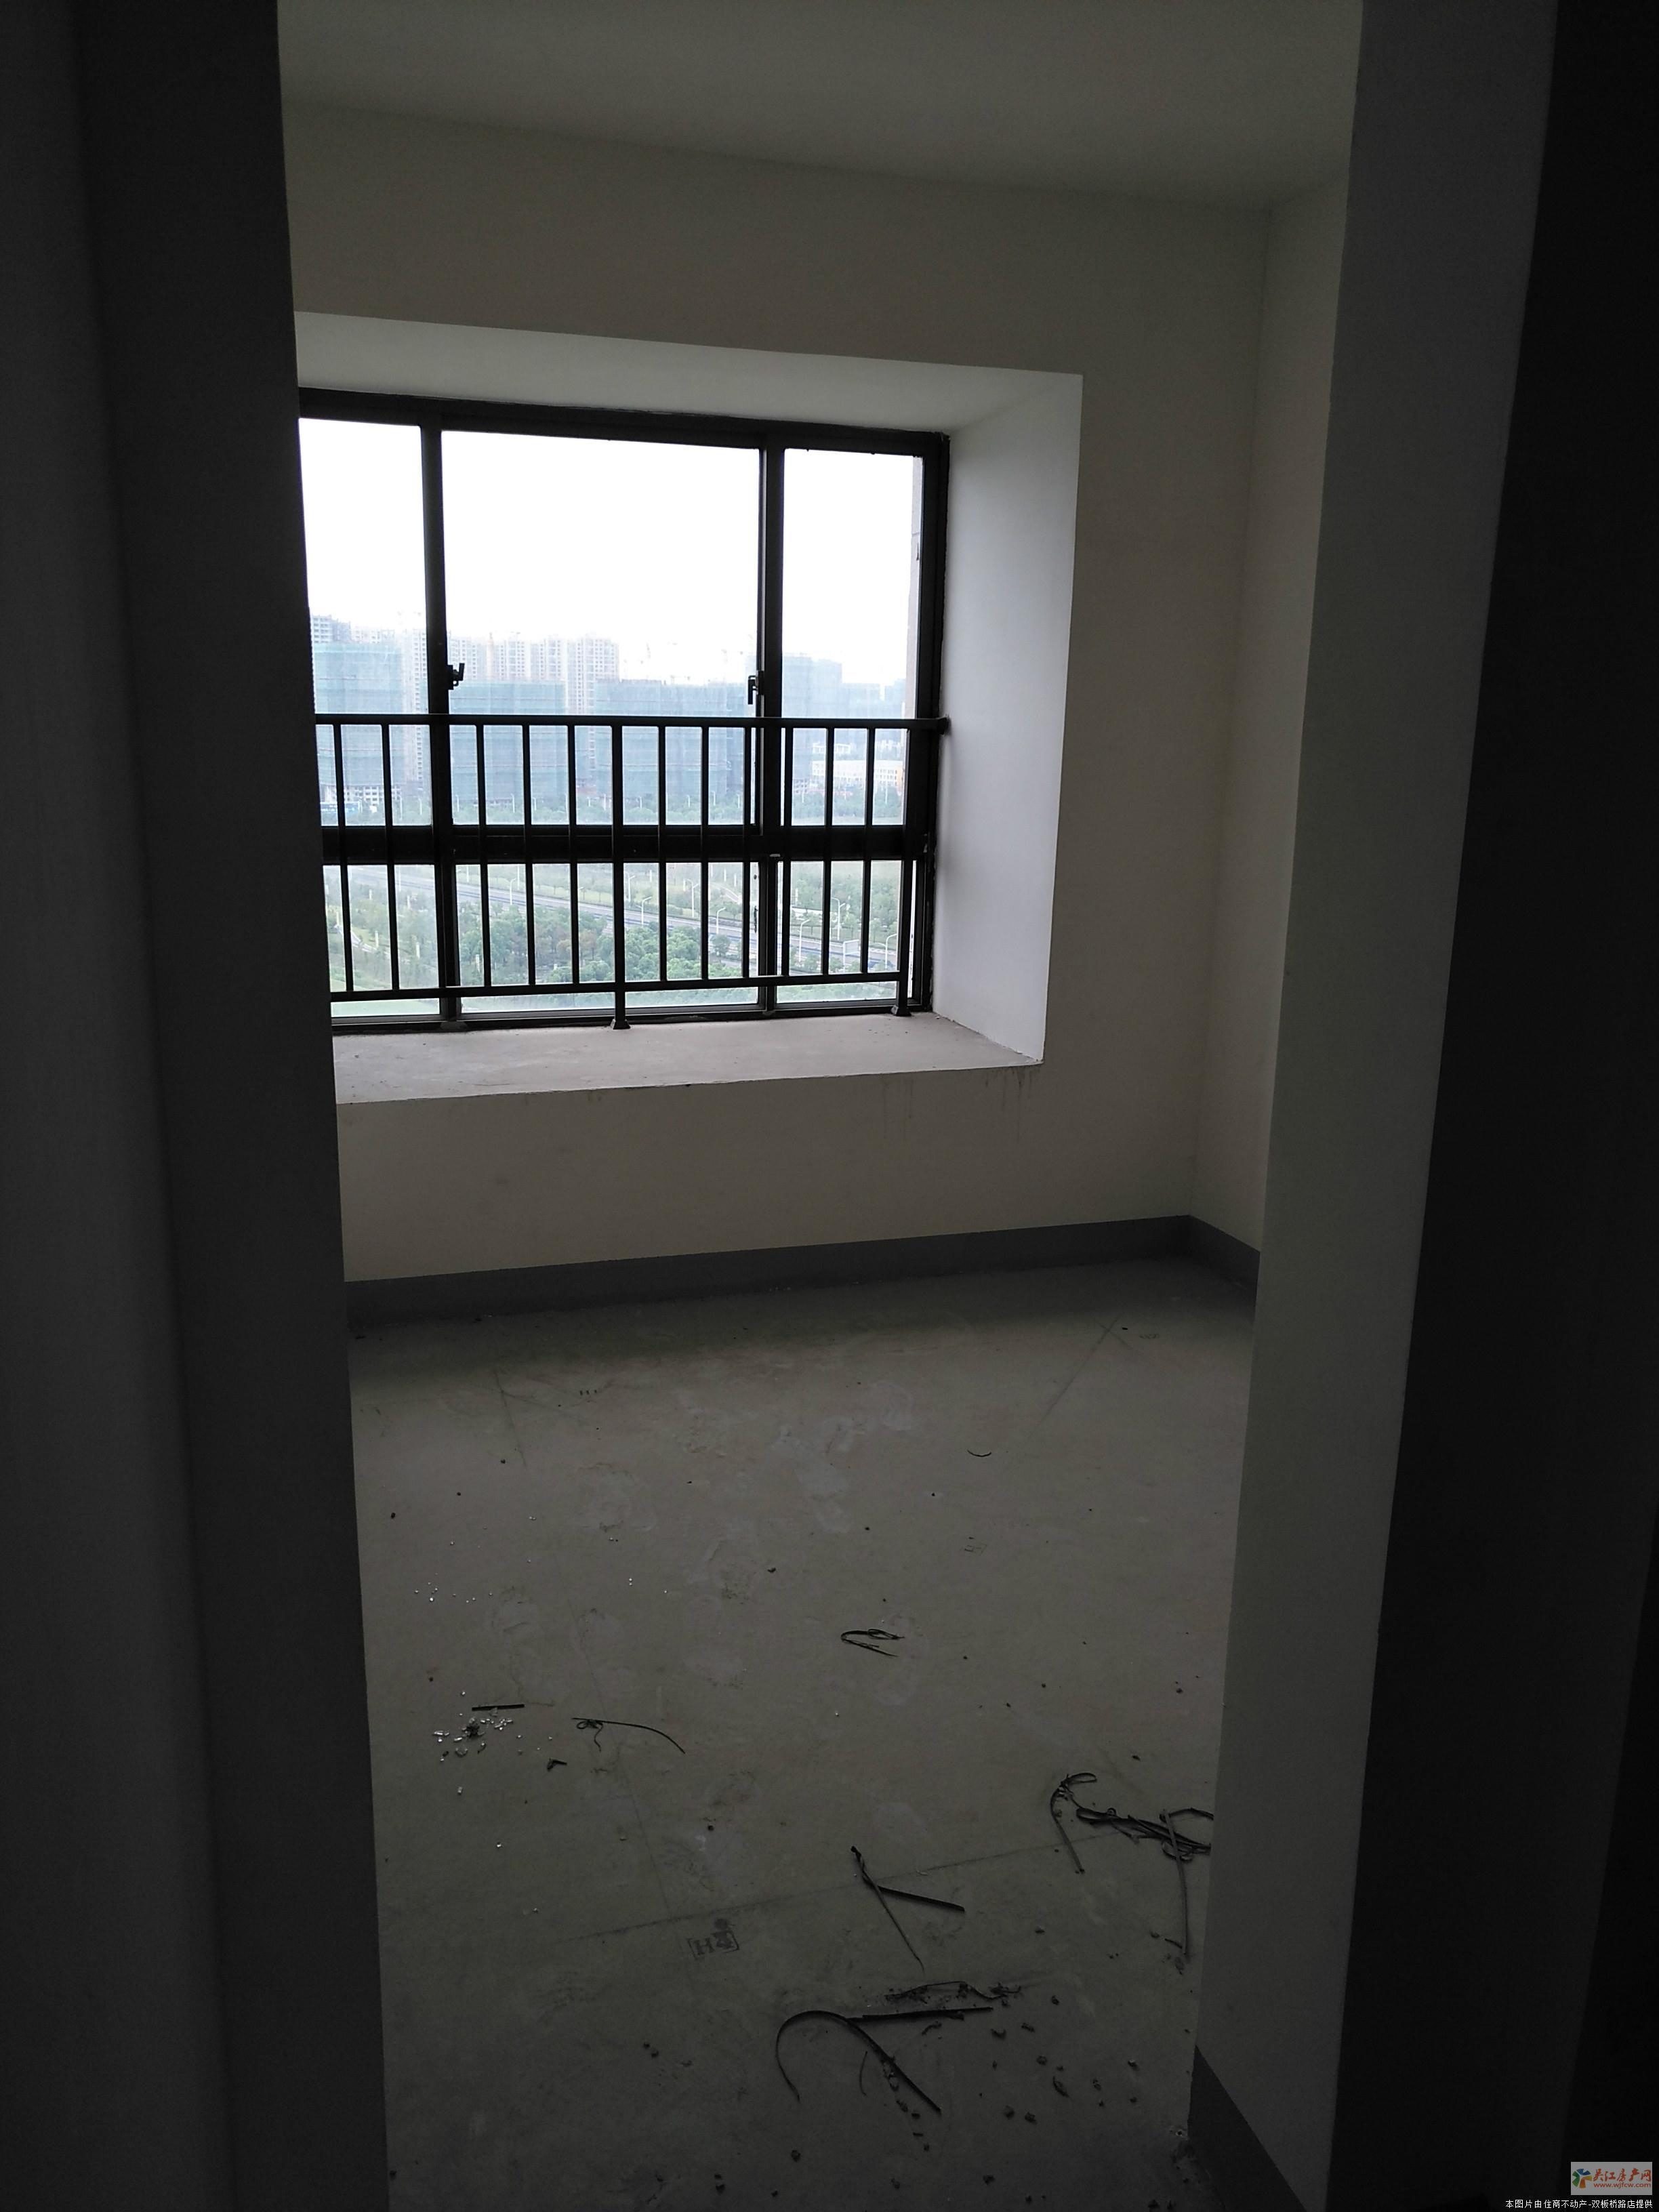 w瑞景国际电梯花园洋房 送院子 大约50平 纯毛培 大3房 有证 看房方便 采光很好